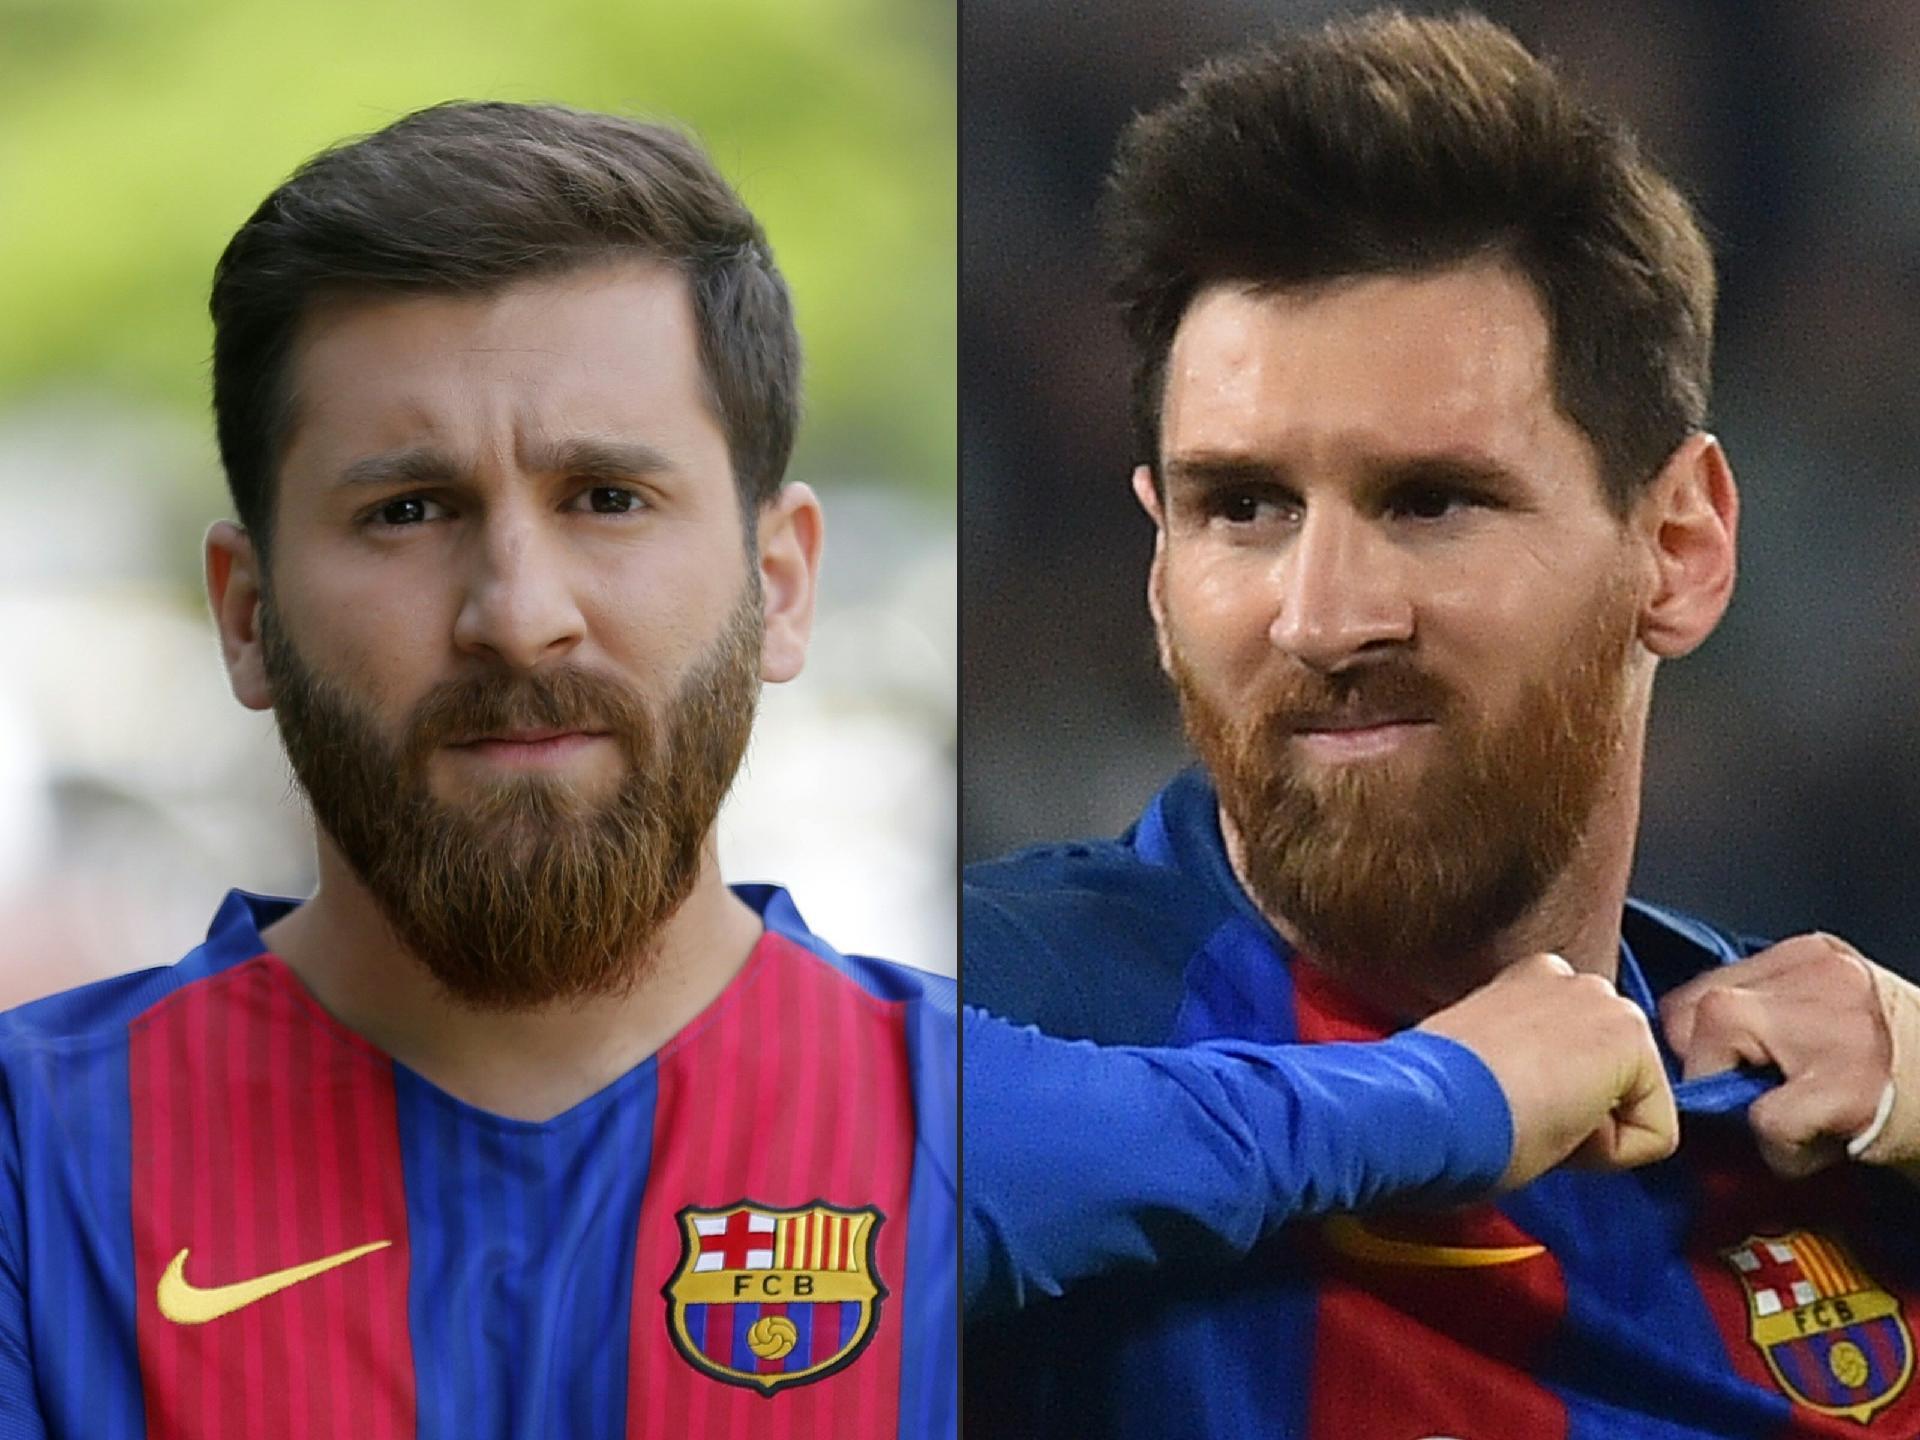 Iraniano é levado à delegacia por ser sósia de Messi - 08 05 2017 - UOL  Esporte 20a39ca406ffc